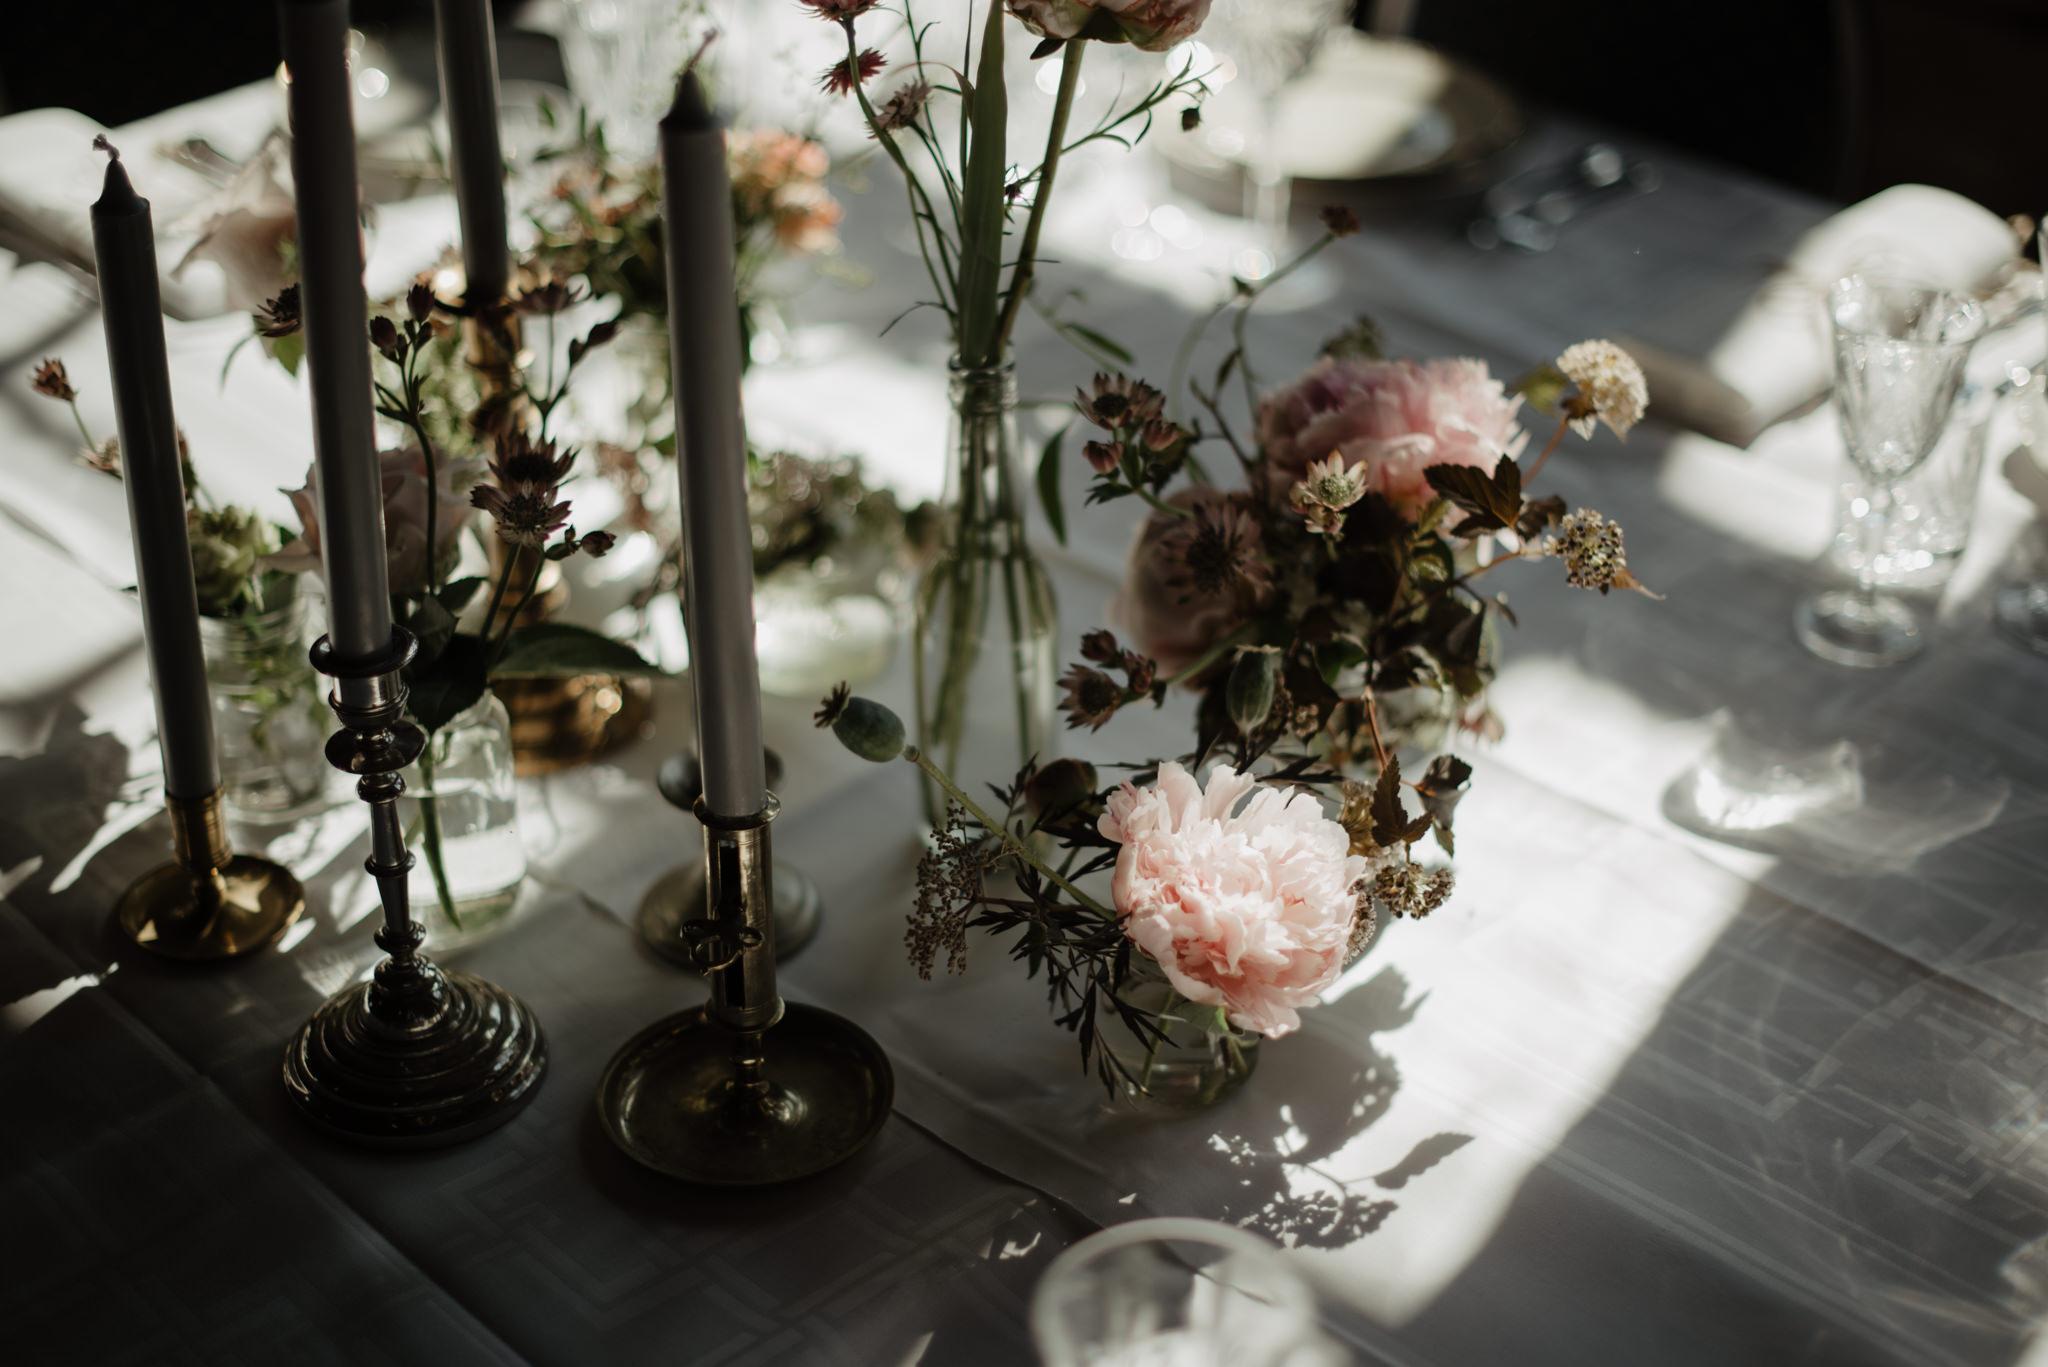 Bröllop på Sofiero Gård med blommor från Anna Gouteva och porslin från Petras Porslin